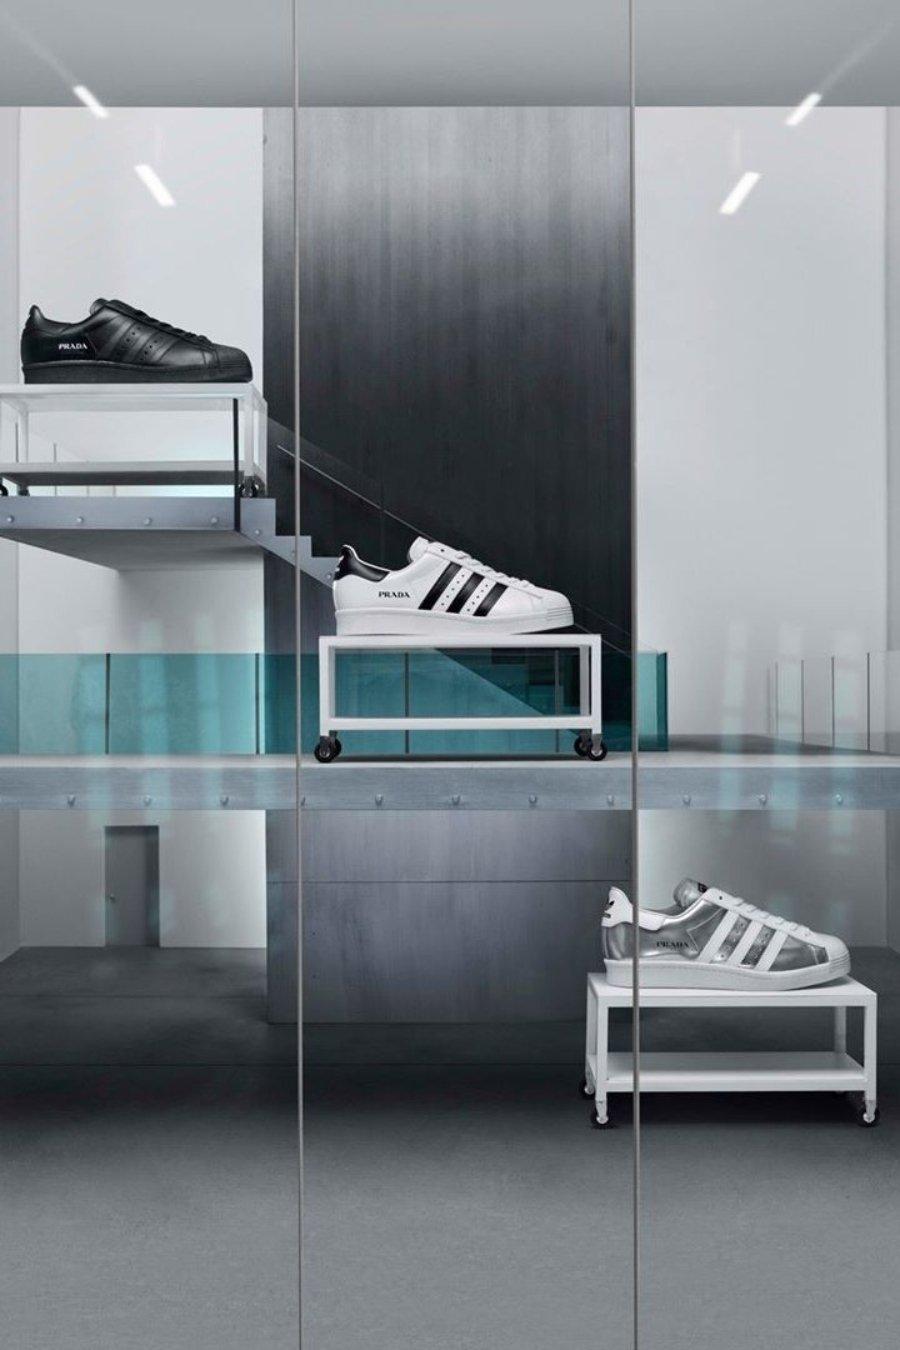 Adidas y Prada